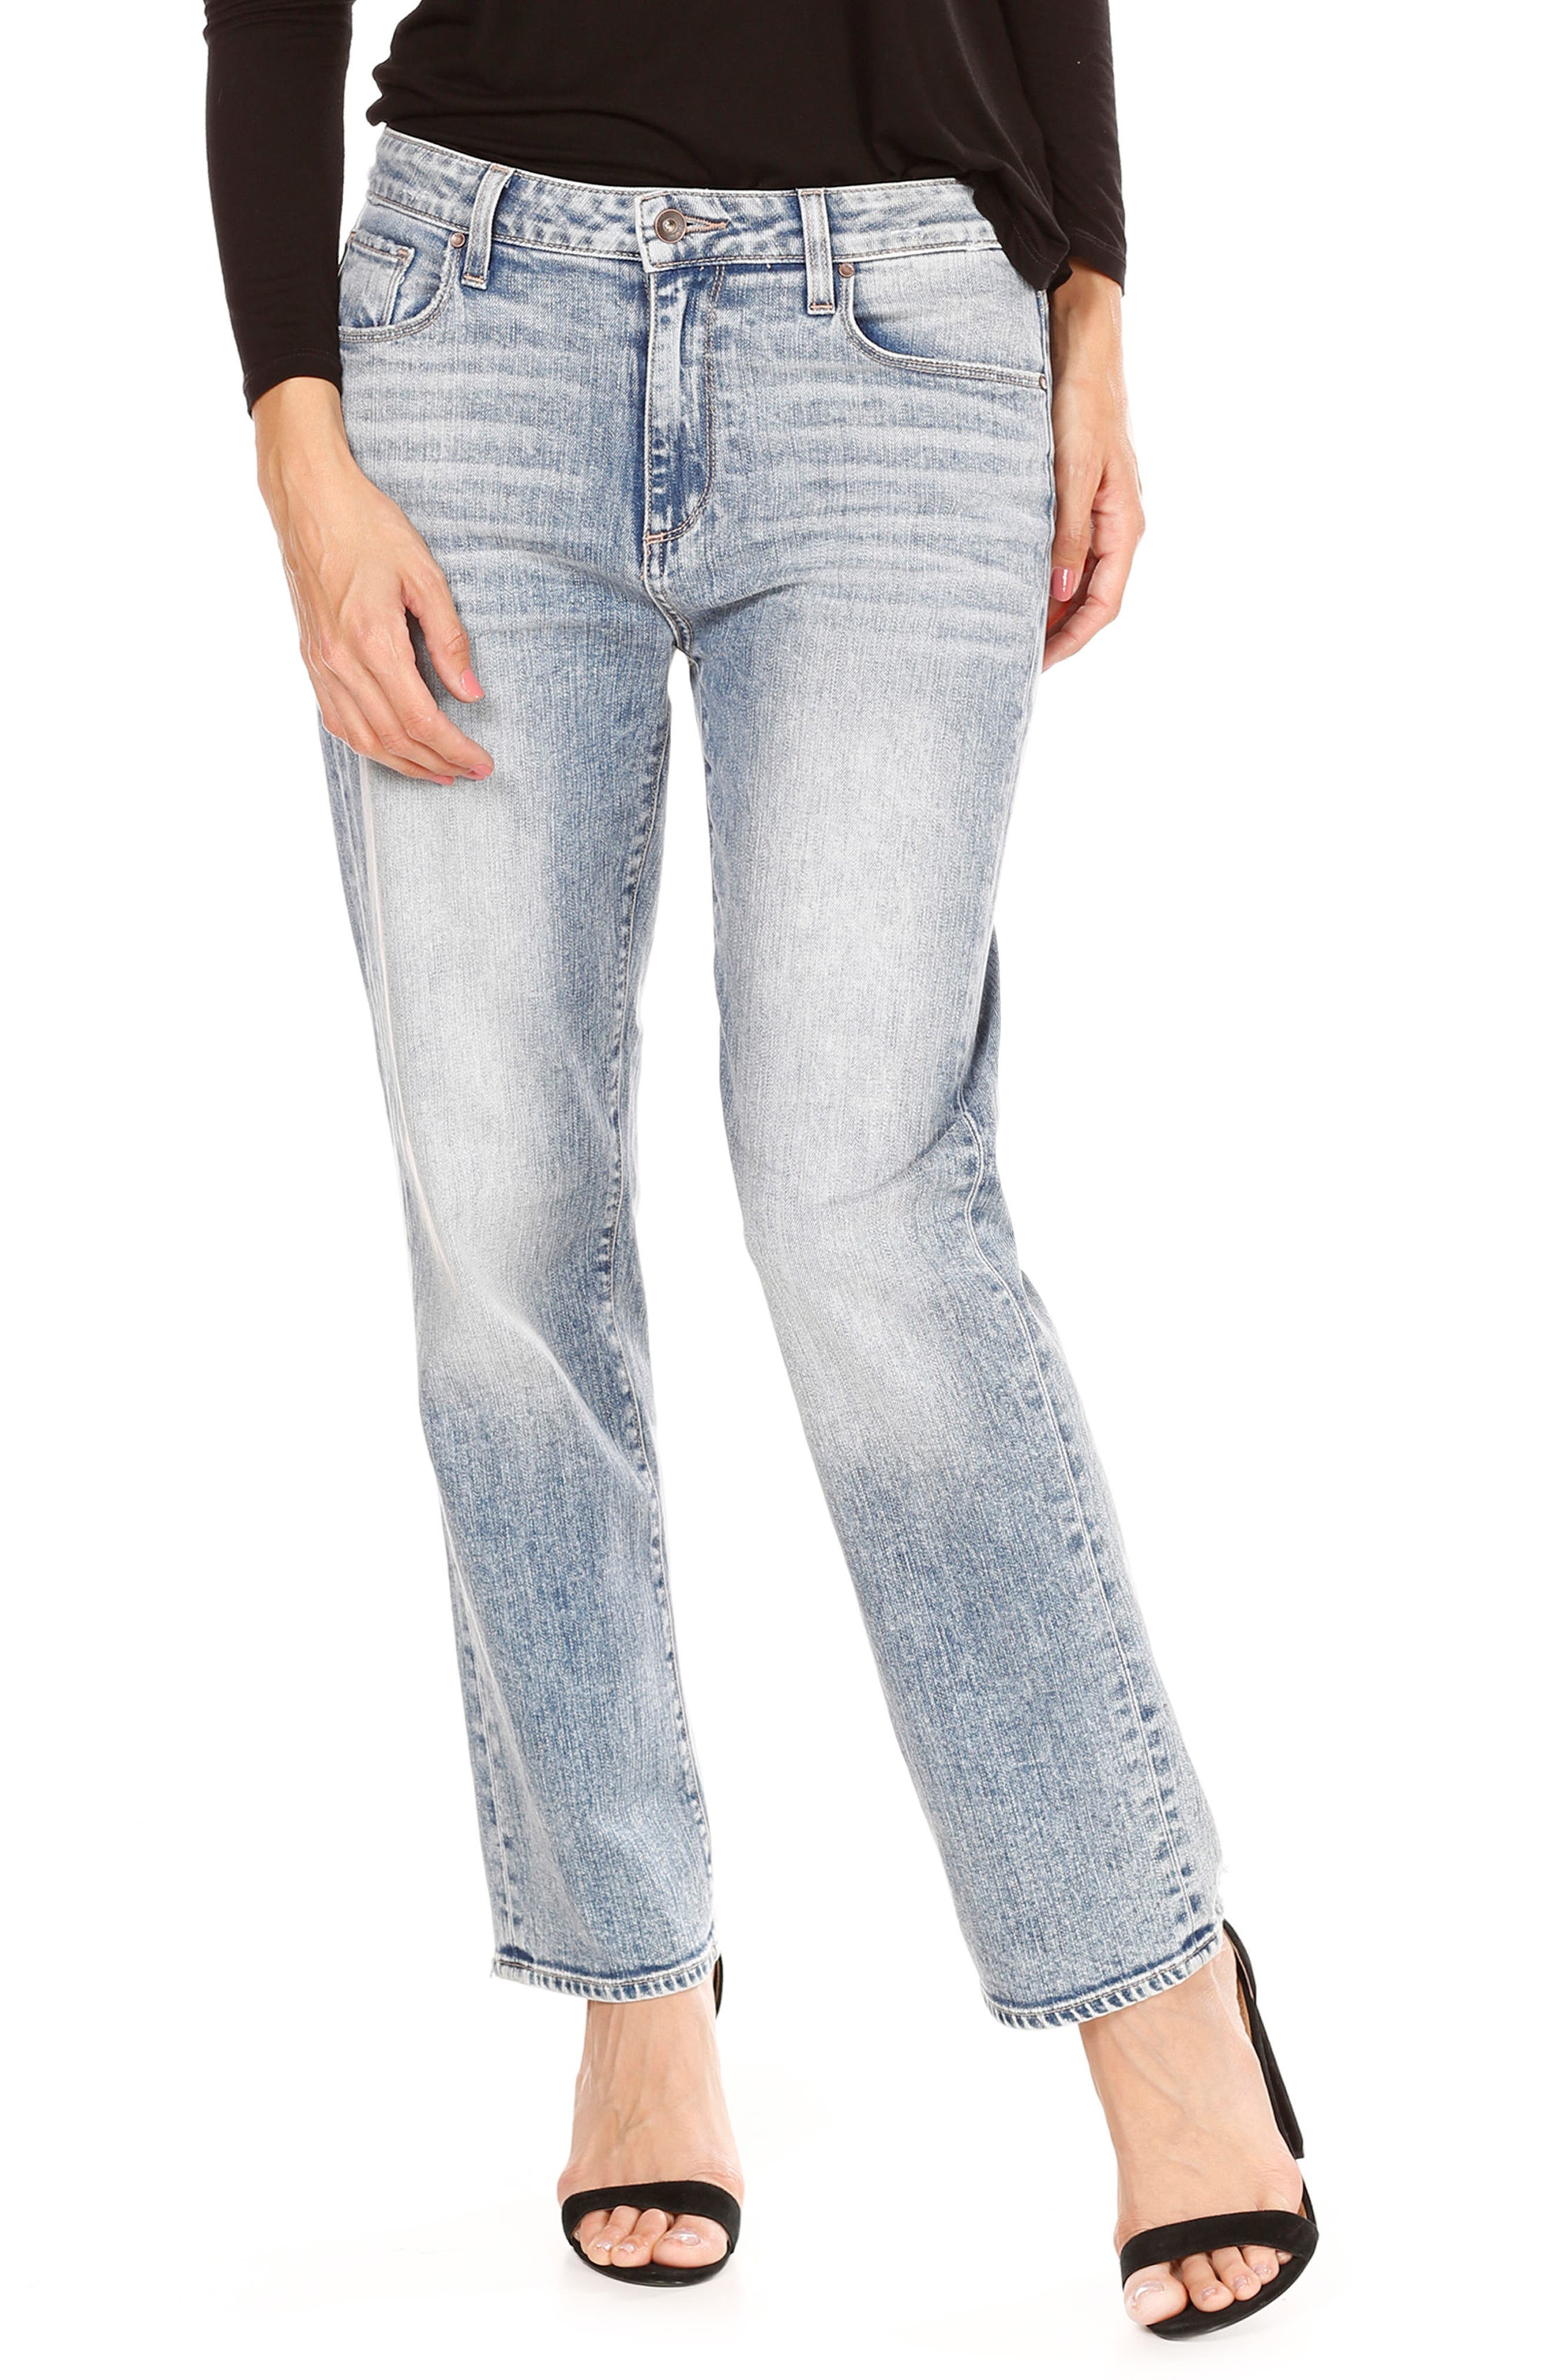 Alternate Image 1 Selected - PAIGE Noella High Waist Straight Leg Jeans (Jaylene)